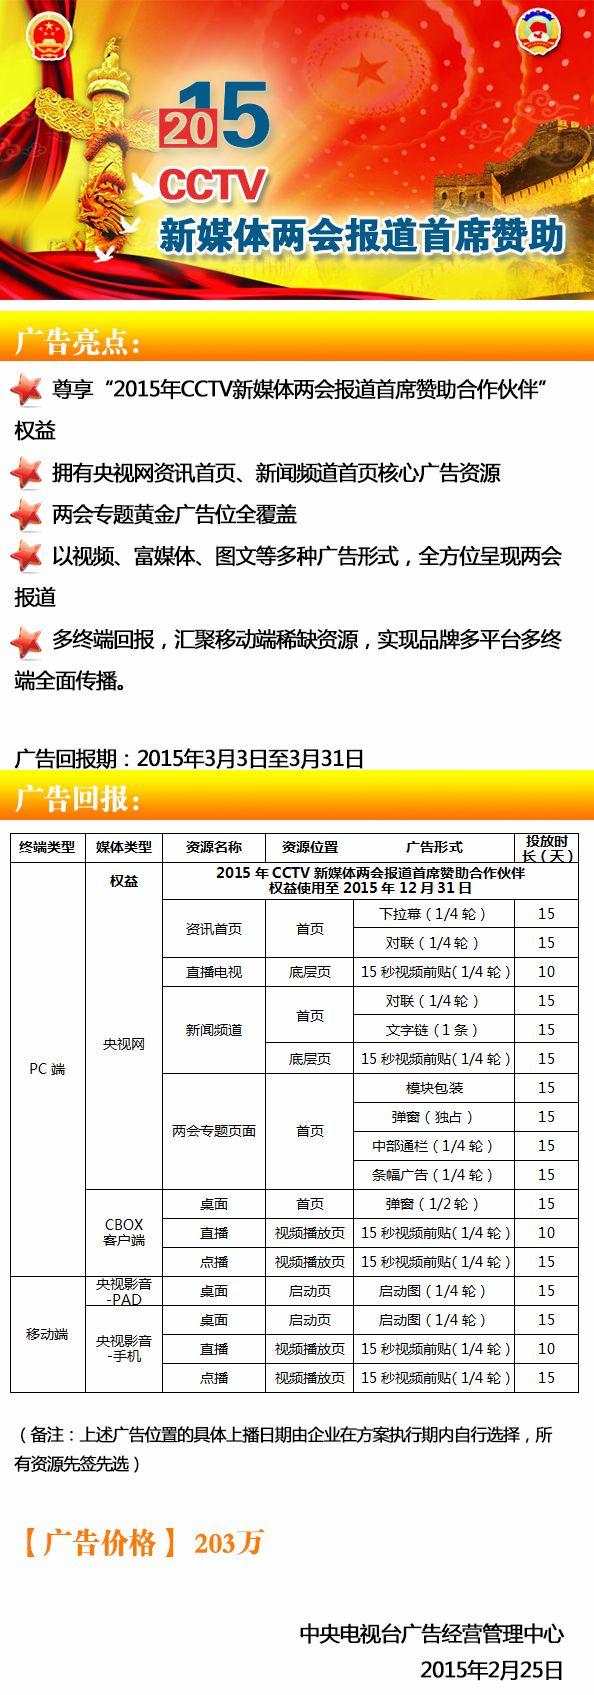 2015年CCTV两会新媒体广告方案